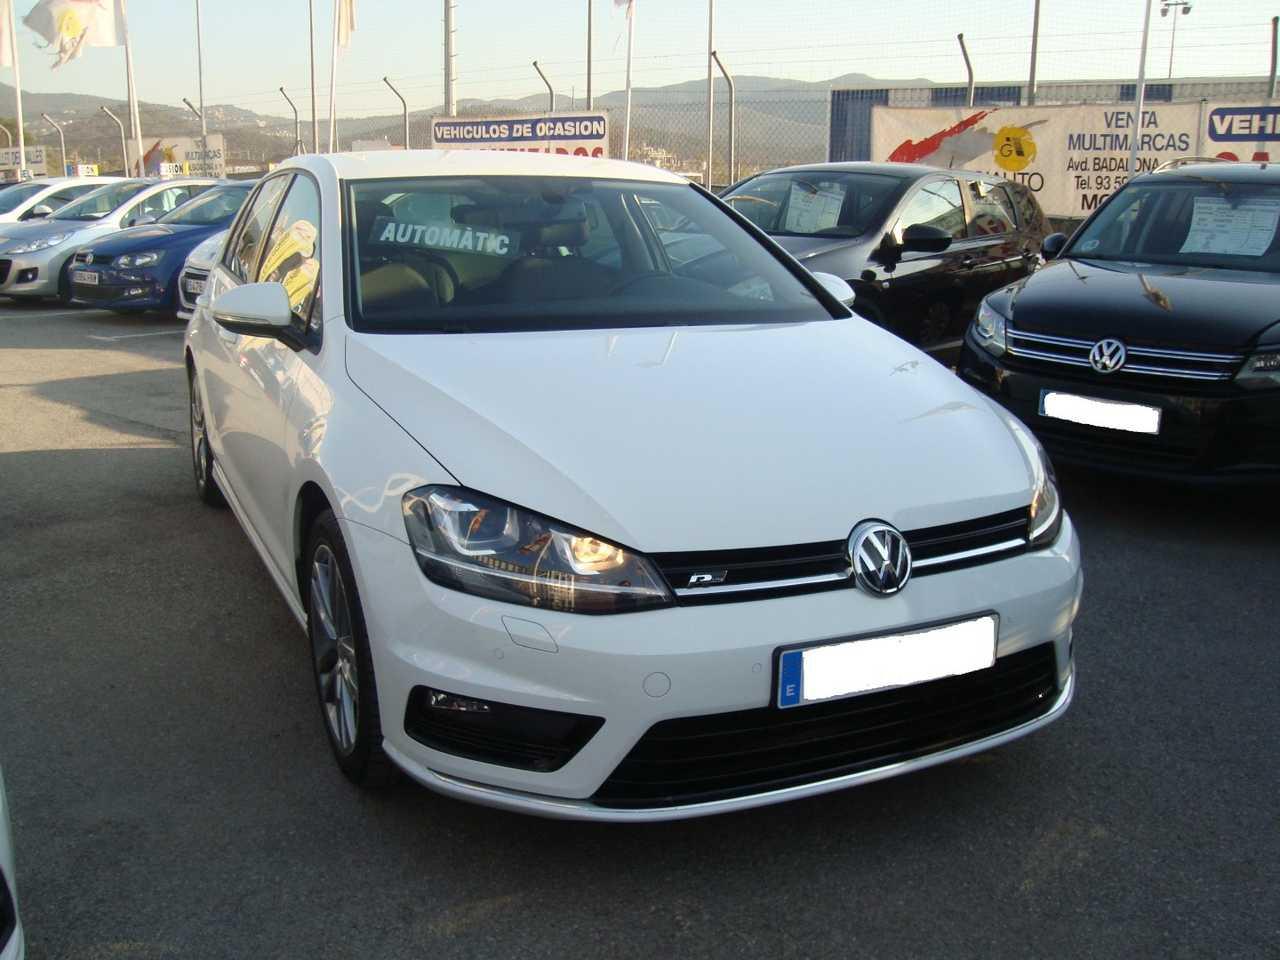 Volkswagen Golf 1.4TSI RLINE DSG 150 CV   - Foto 1